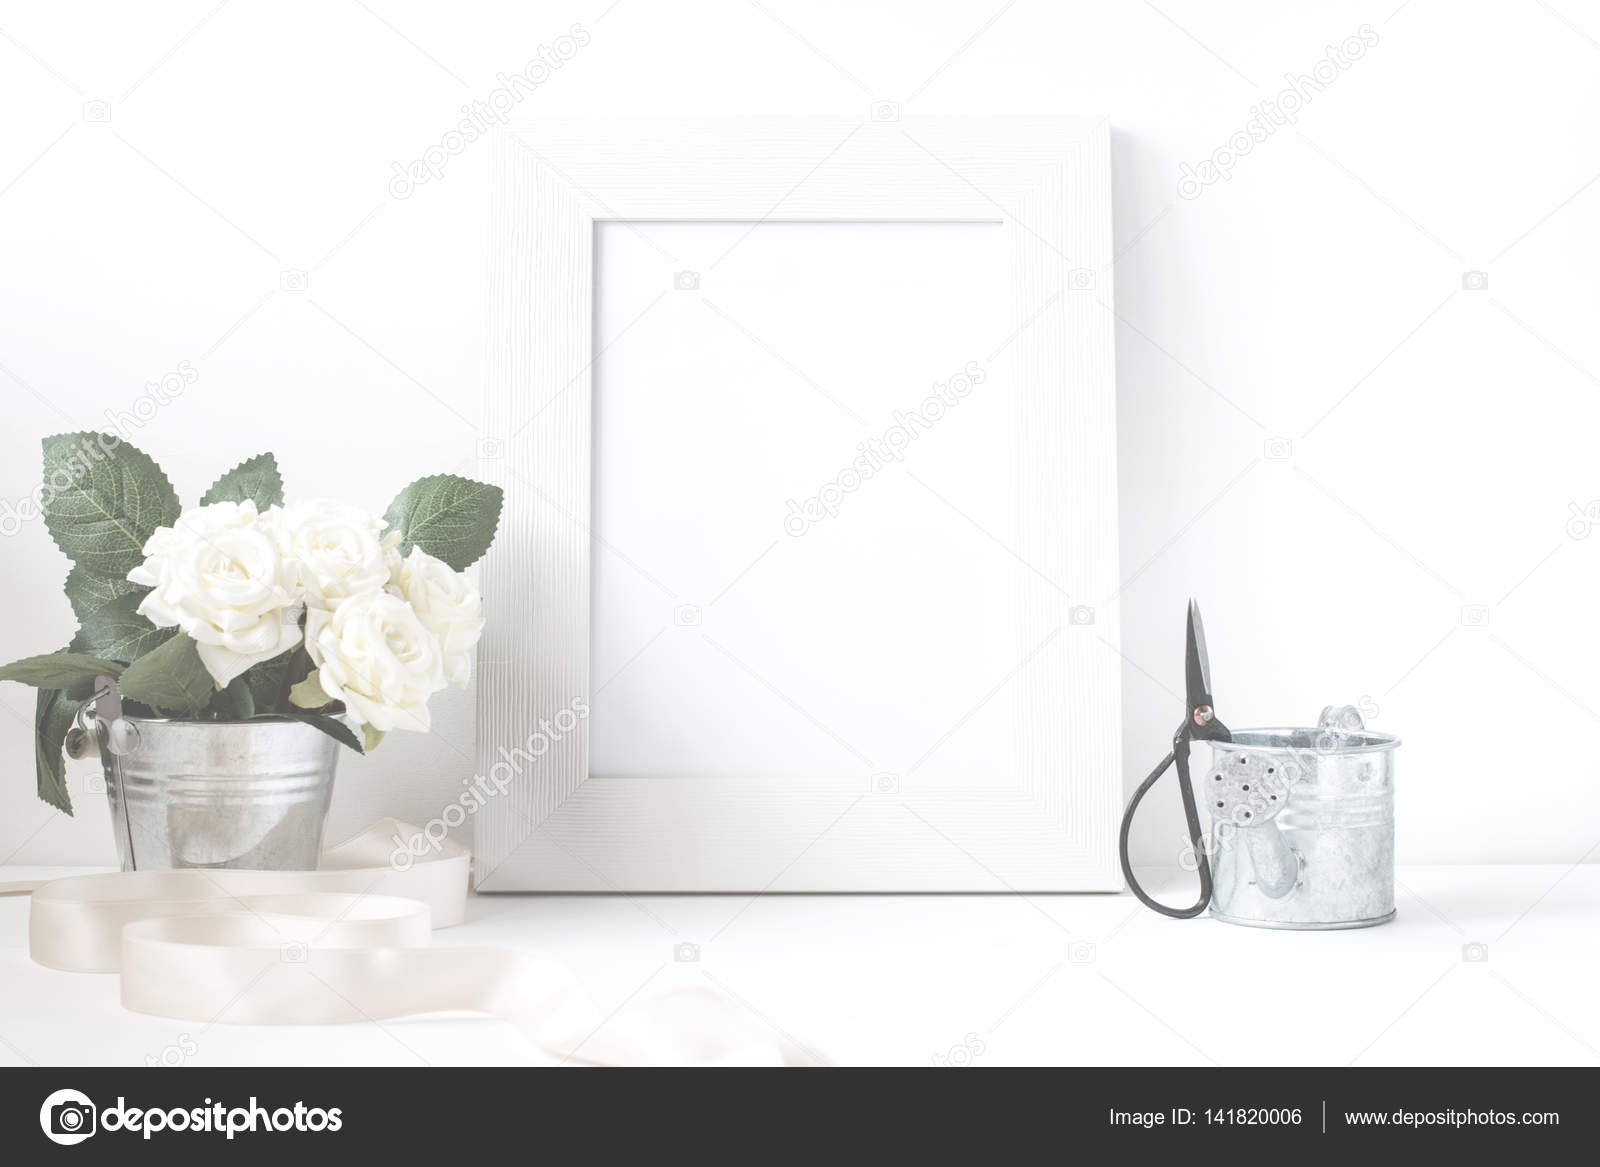 Bilderrahmen Mit Blumenstrauss Stockfoto C Zzoplanet 141820006